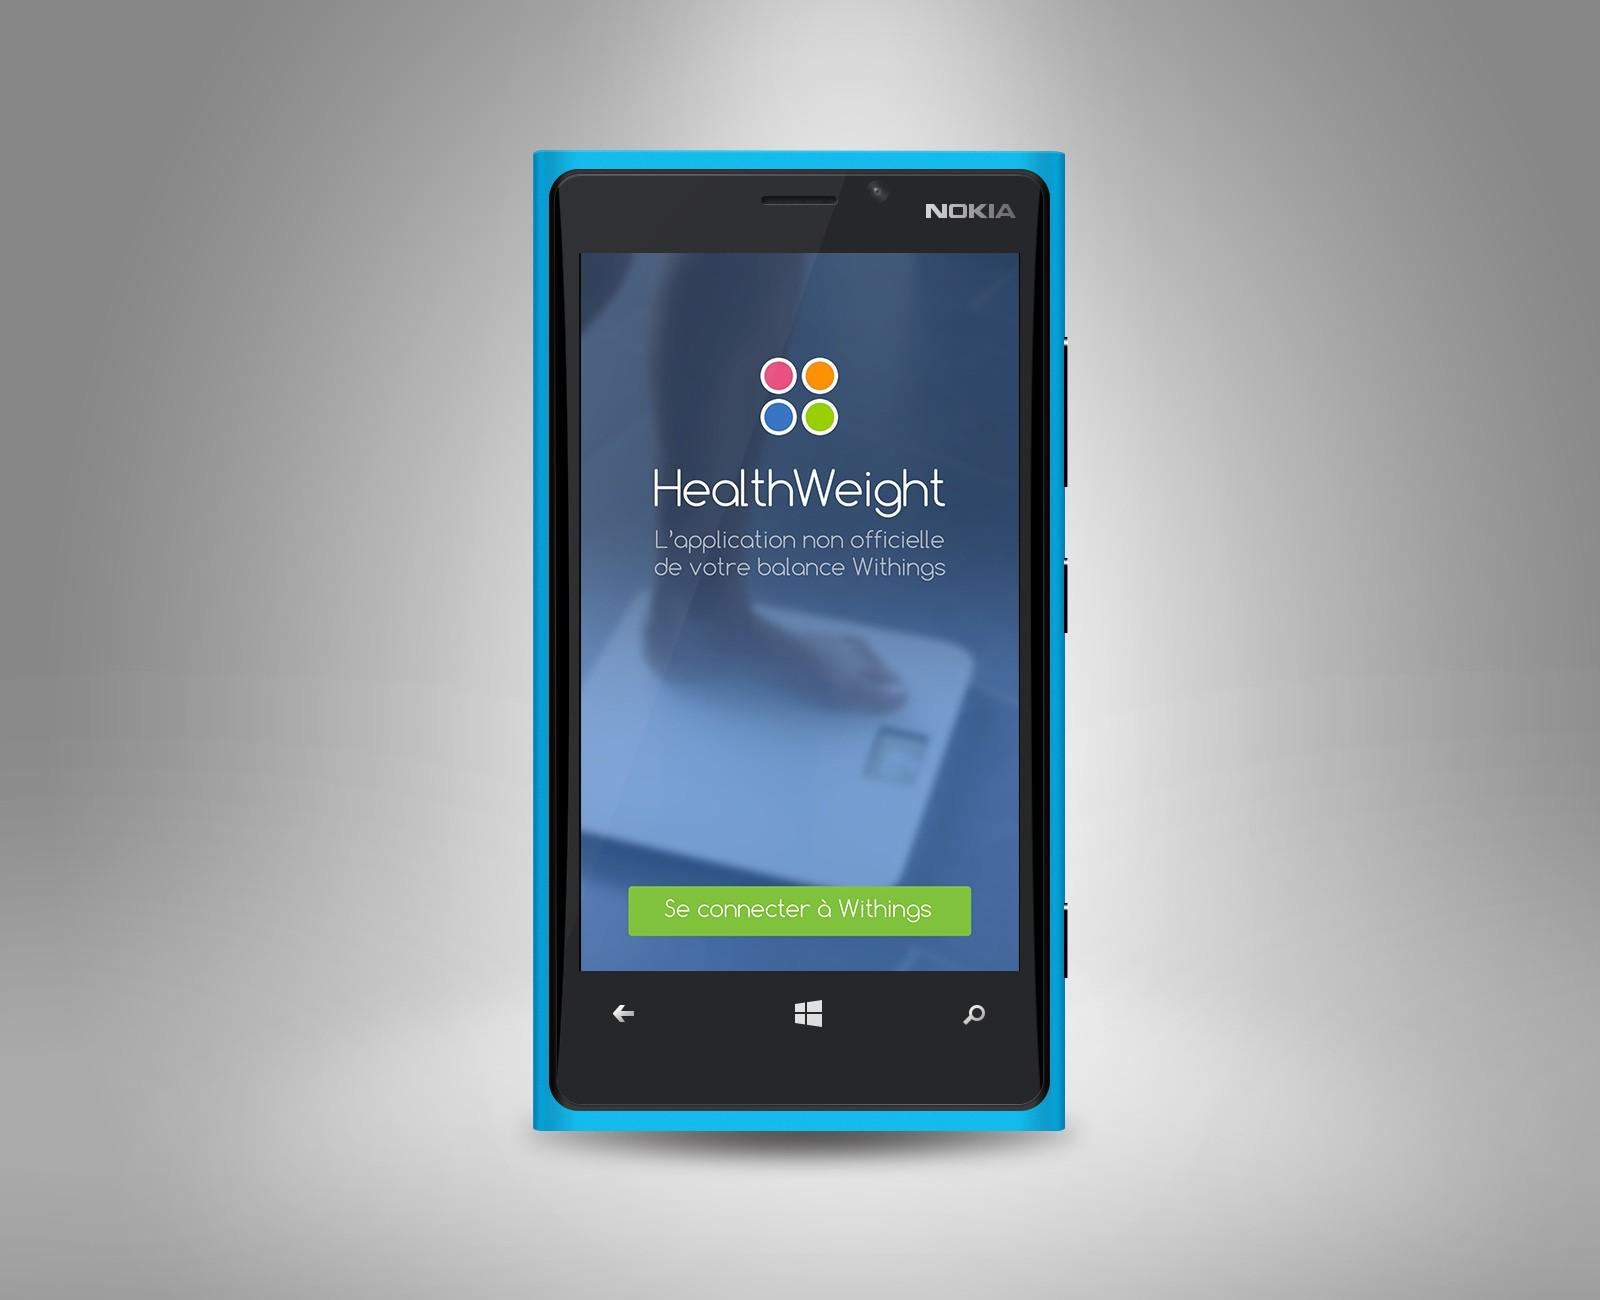 [Application] Découvrez #HealthWeight pour suivre votre poids avec votre balance #Withings sur Windows Phone